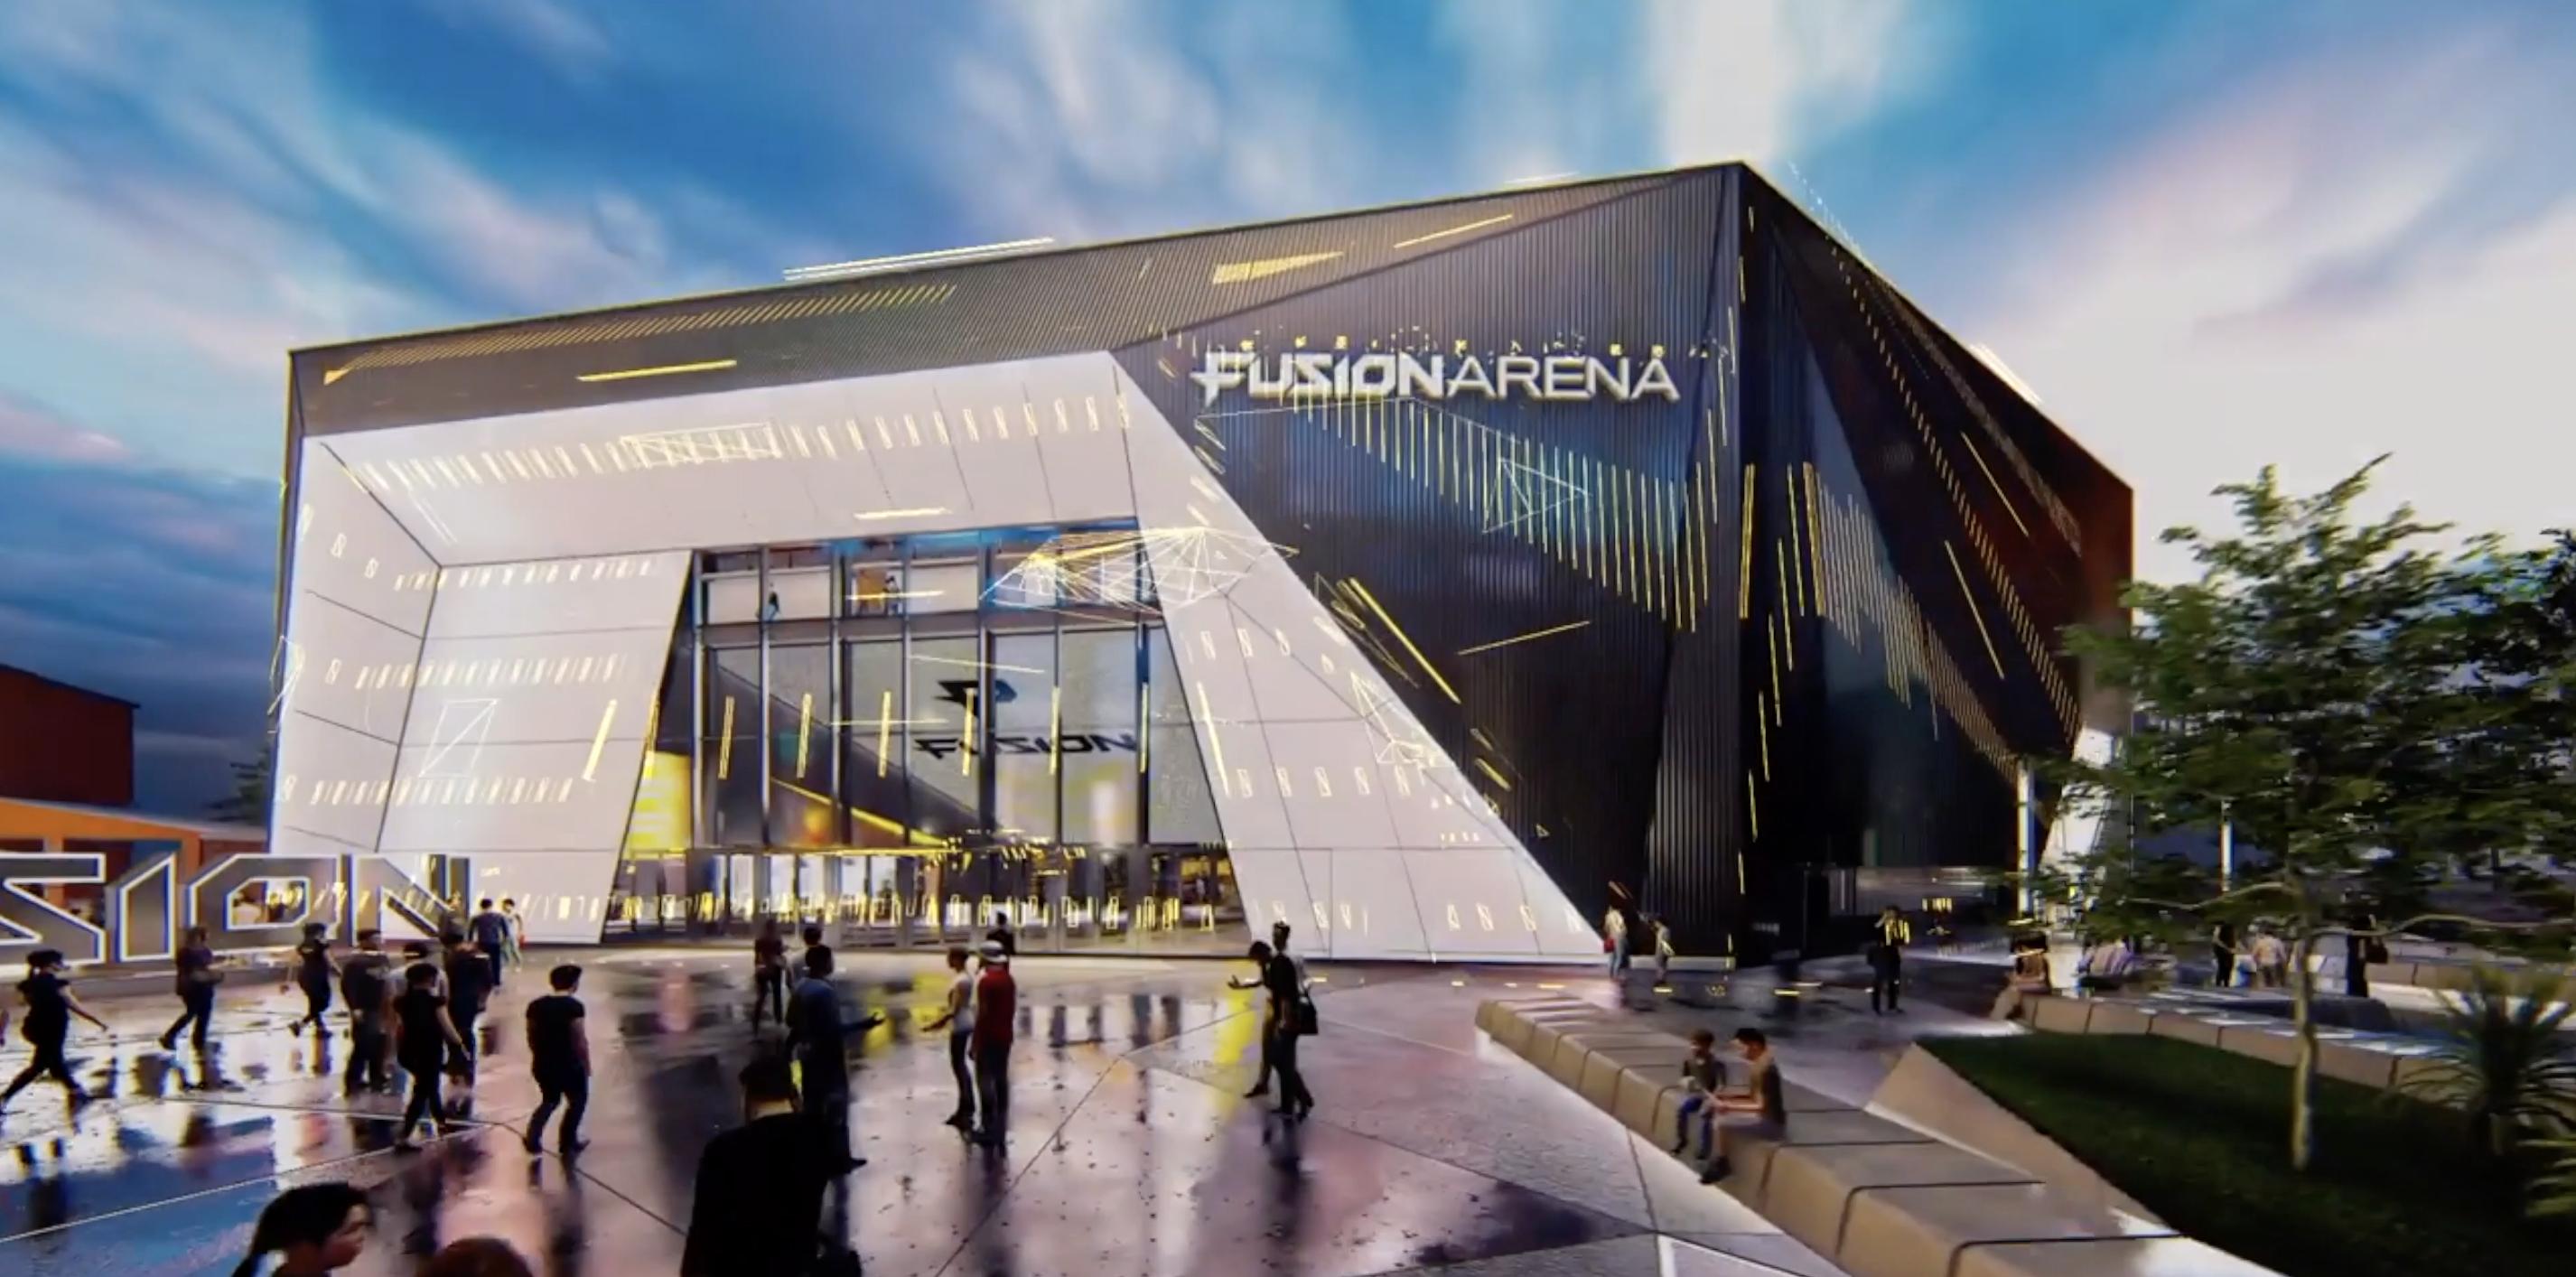 esports_philadelphia_fusion_arena